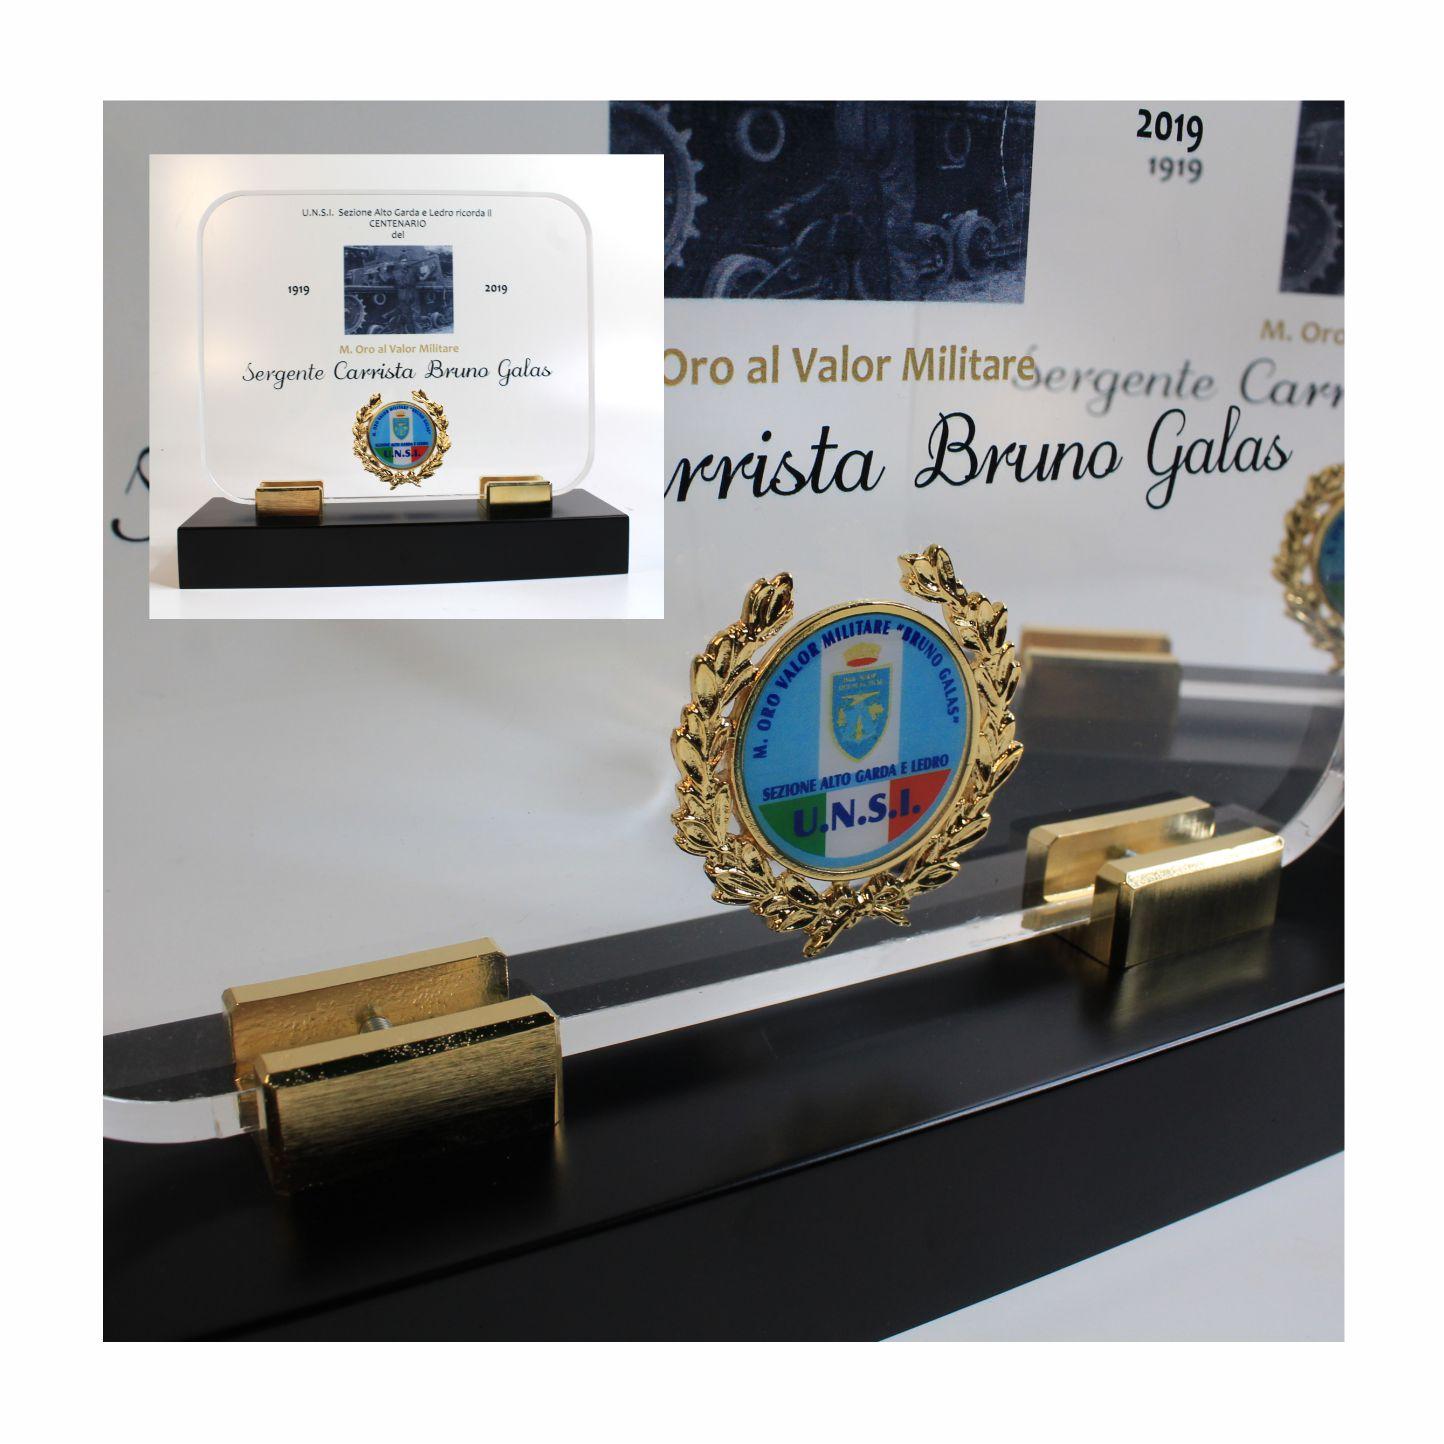 Targa in plexiglas stampata con applicazione in metallo dorato.